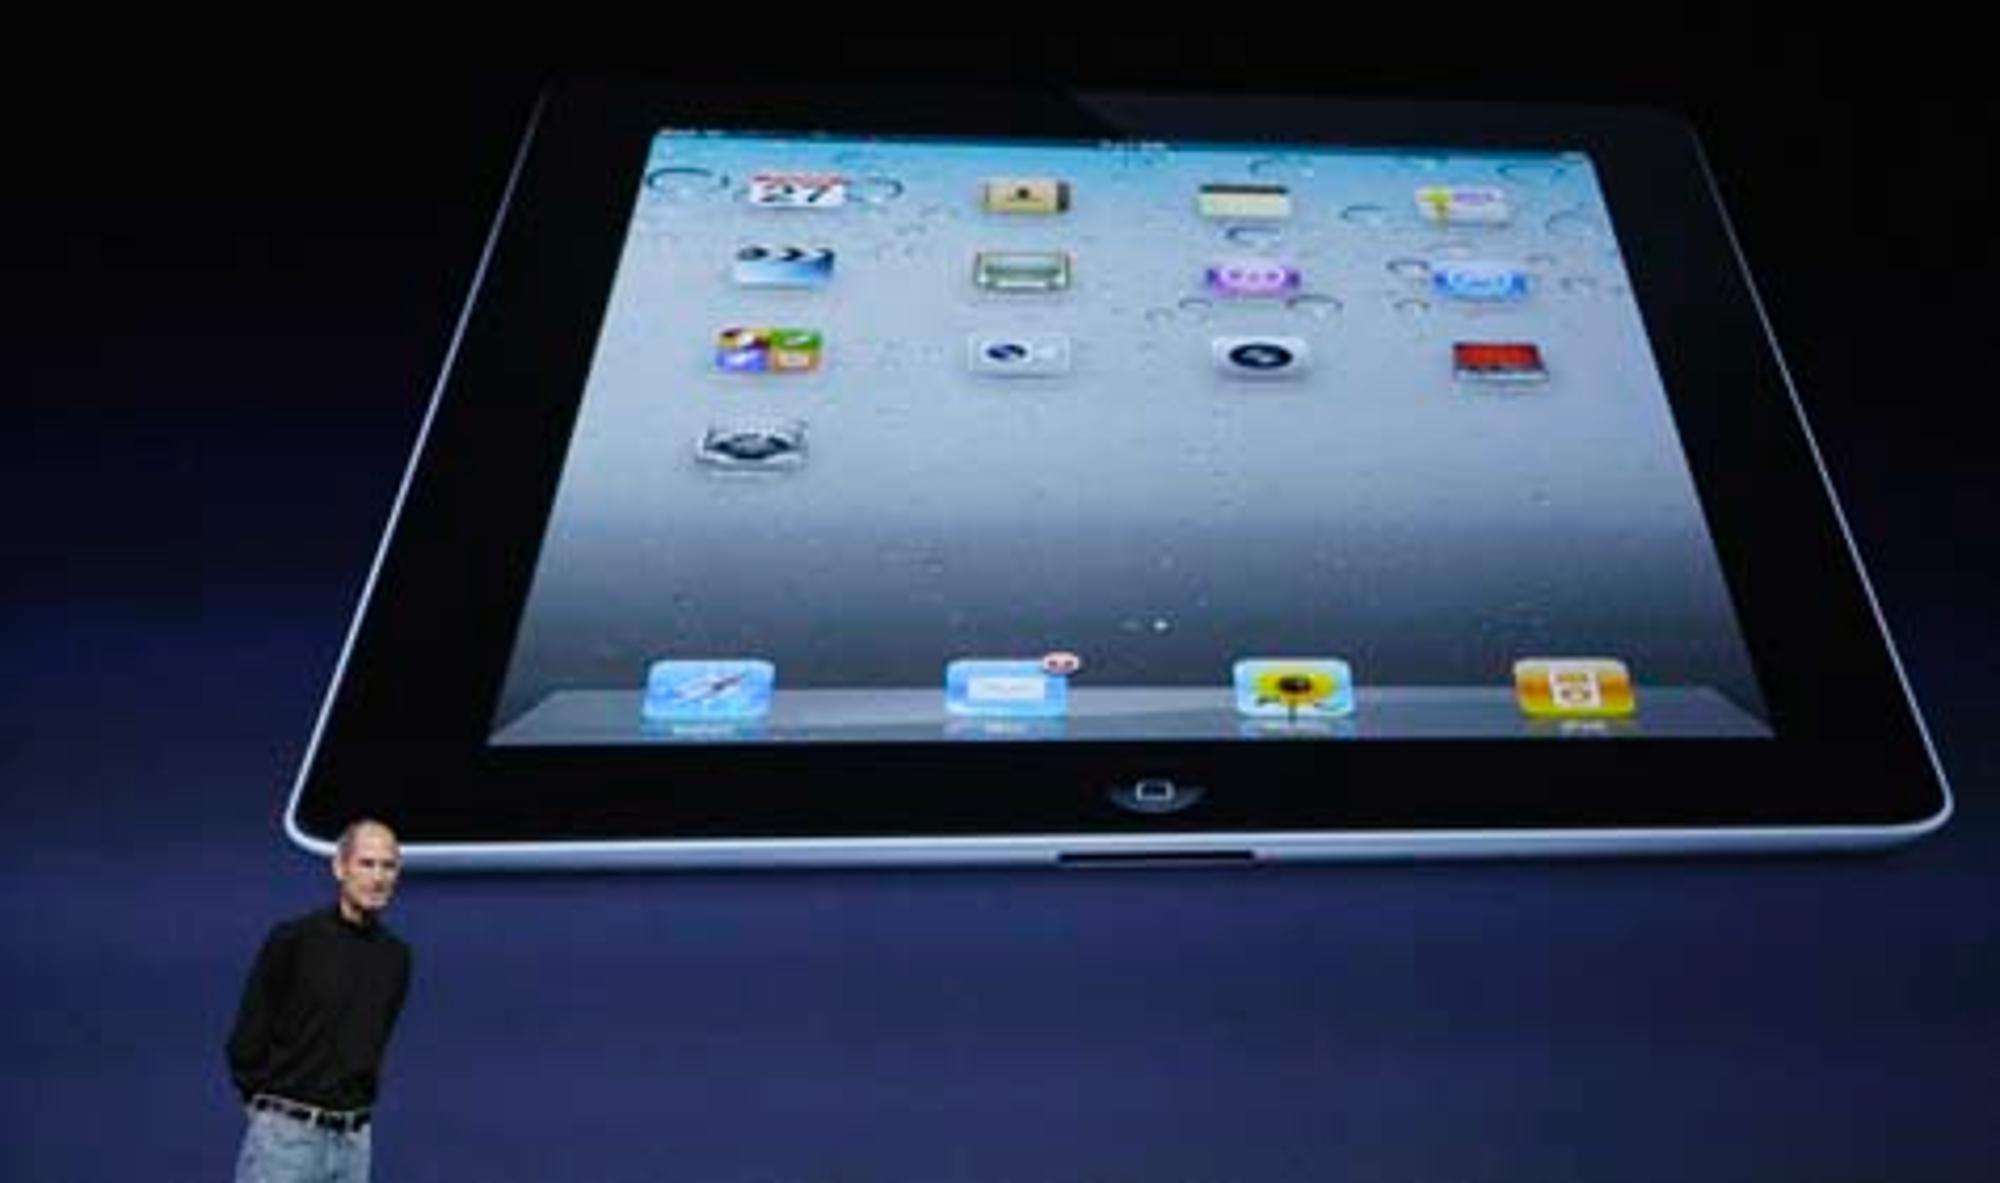 steve jobs bei apple event neues ipad 2 vorgestellt. Black Bedroom Furniture Sets. Home Design Ideas